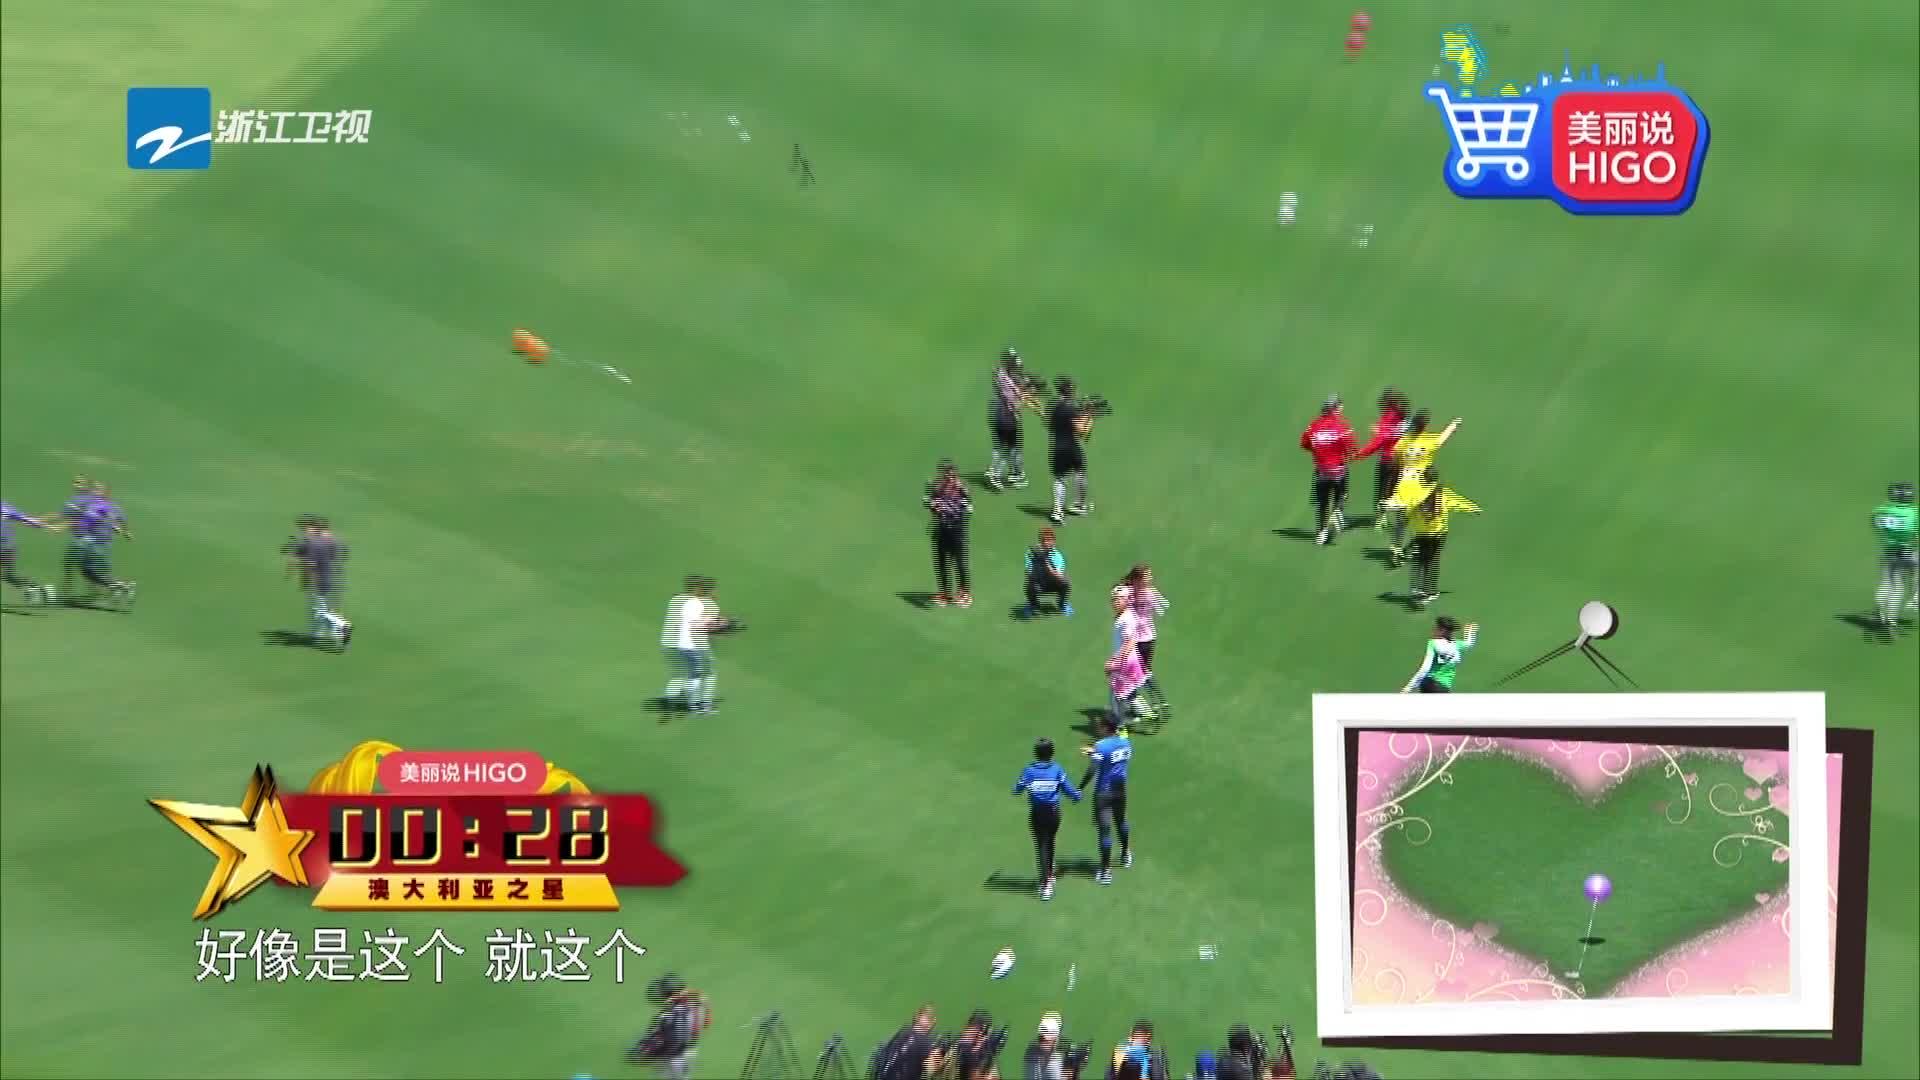 游戏开始瞬间,超能鹿直接锁定气球所在,化身寻气球小能手